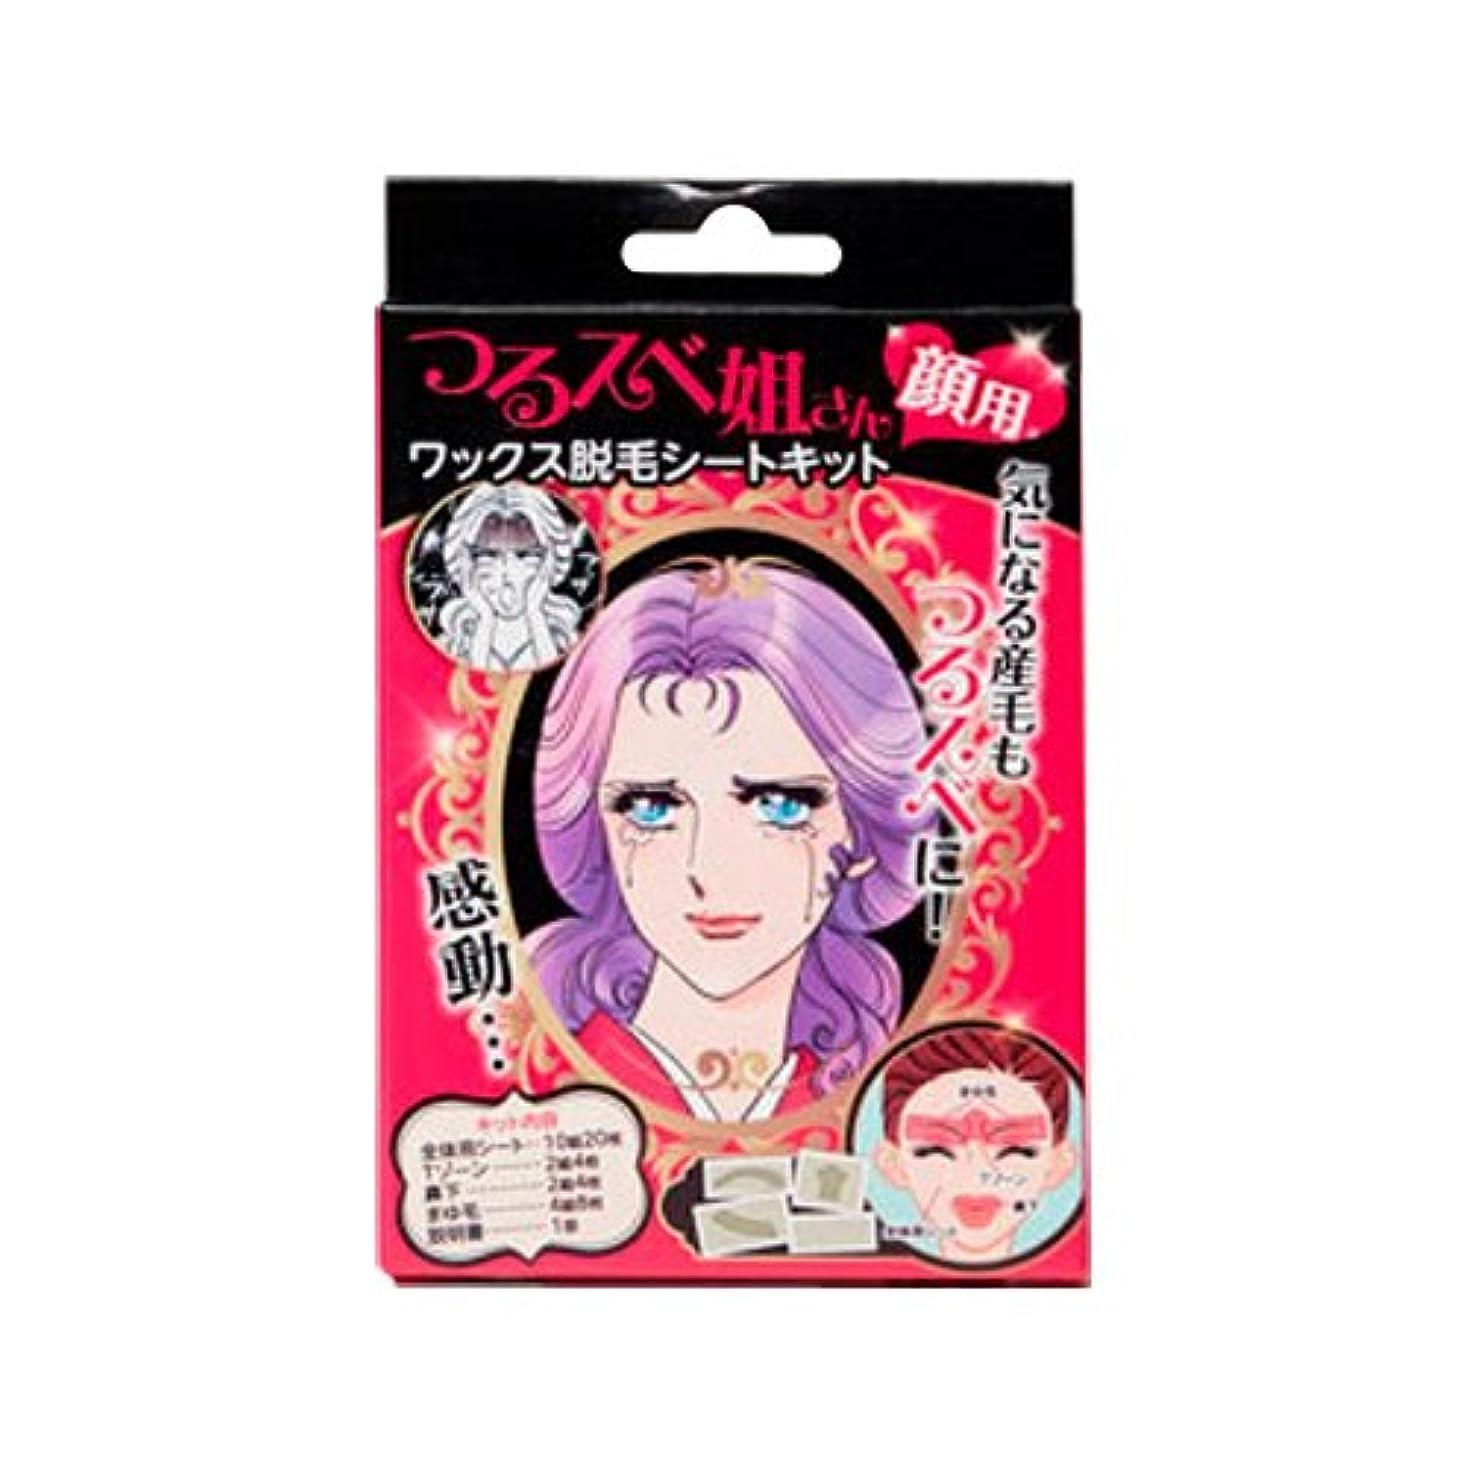 ファッション麦芽ピルファーつるスベ姐さん 顔用 ワックス脱毛シートキット (1キット)